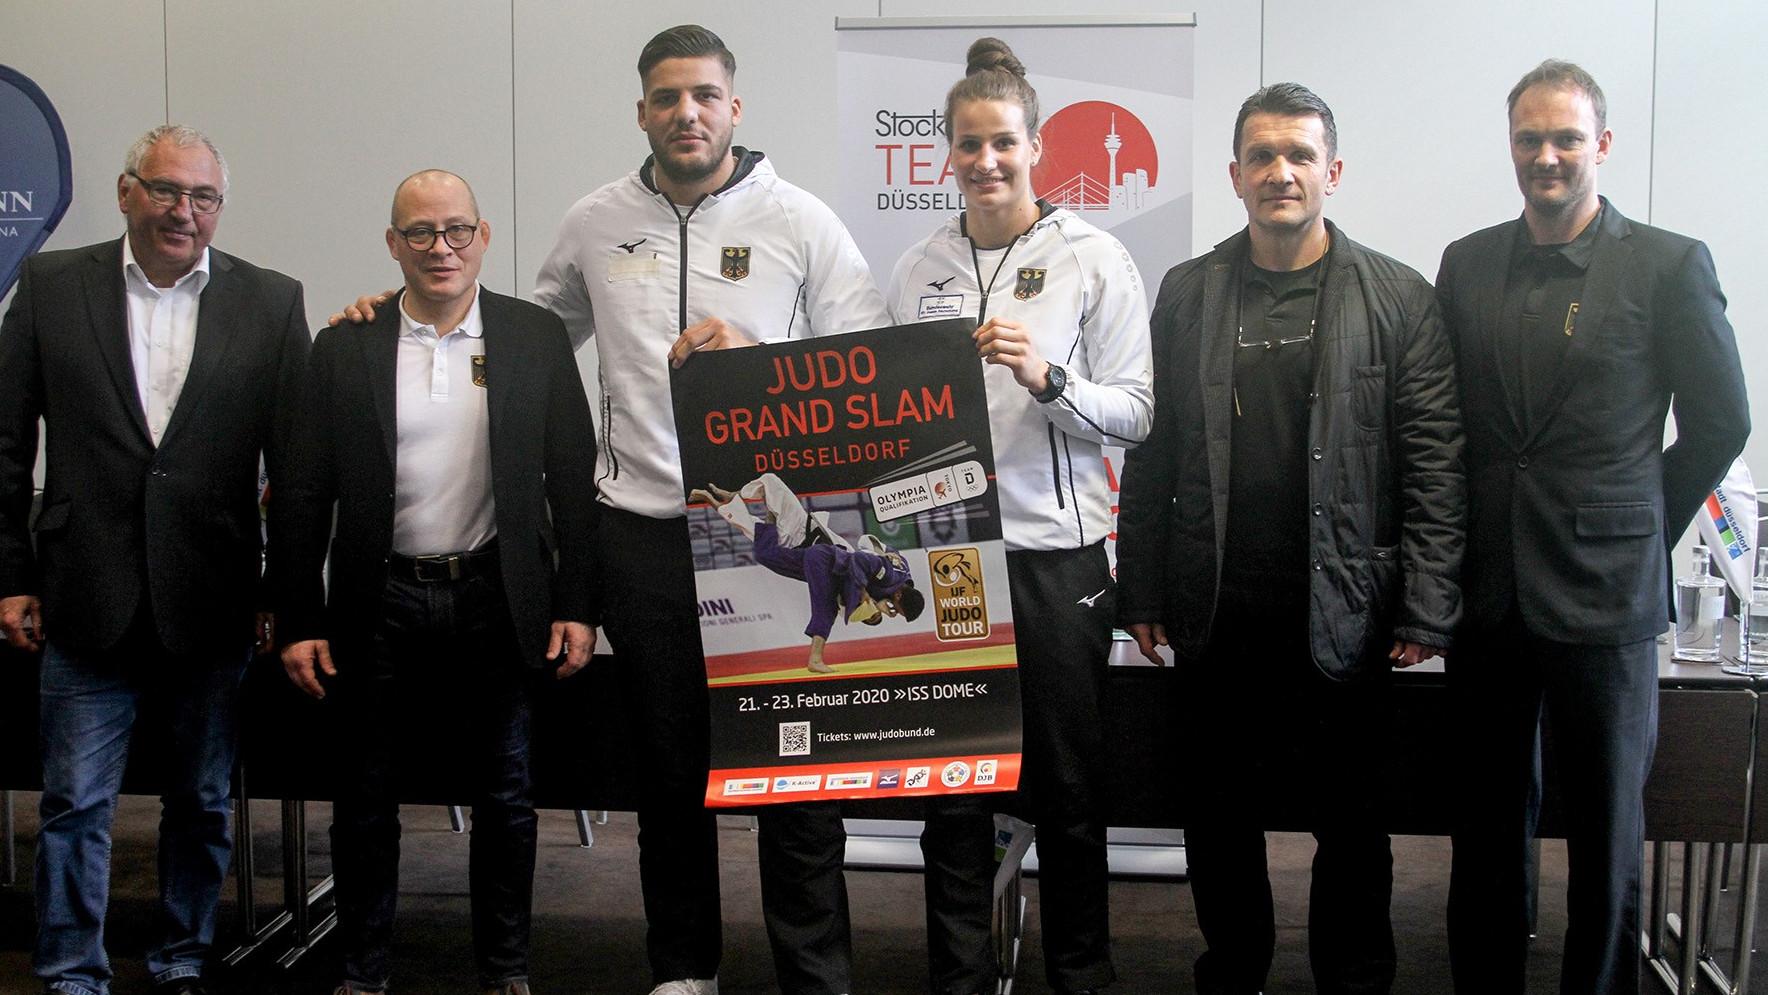 Heimspiel auf großer Bühne für Düsseldorfer Judoka